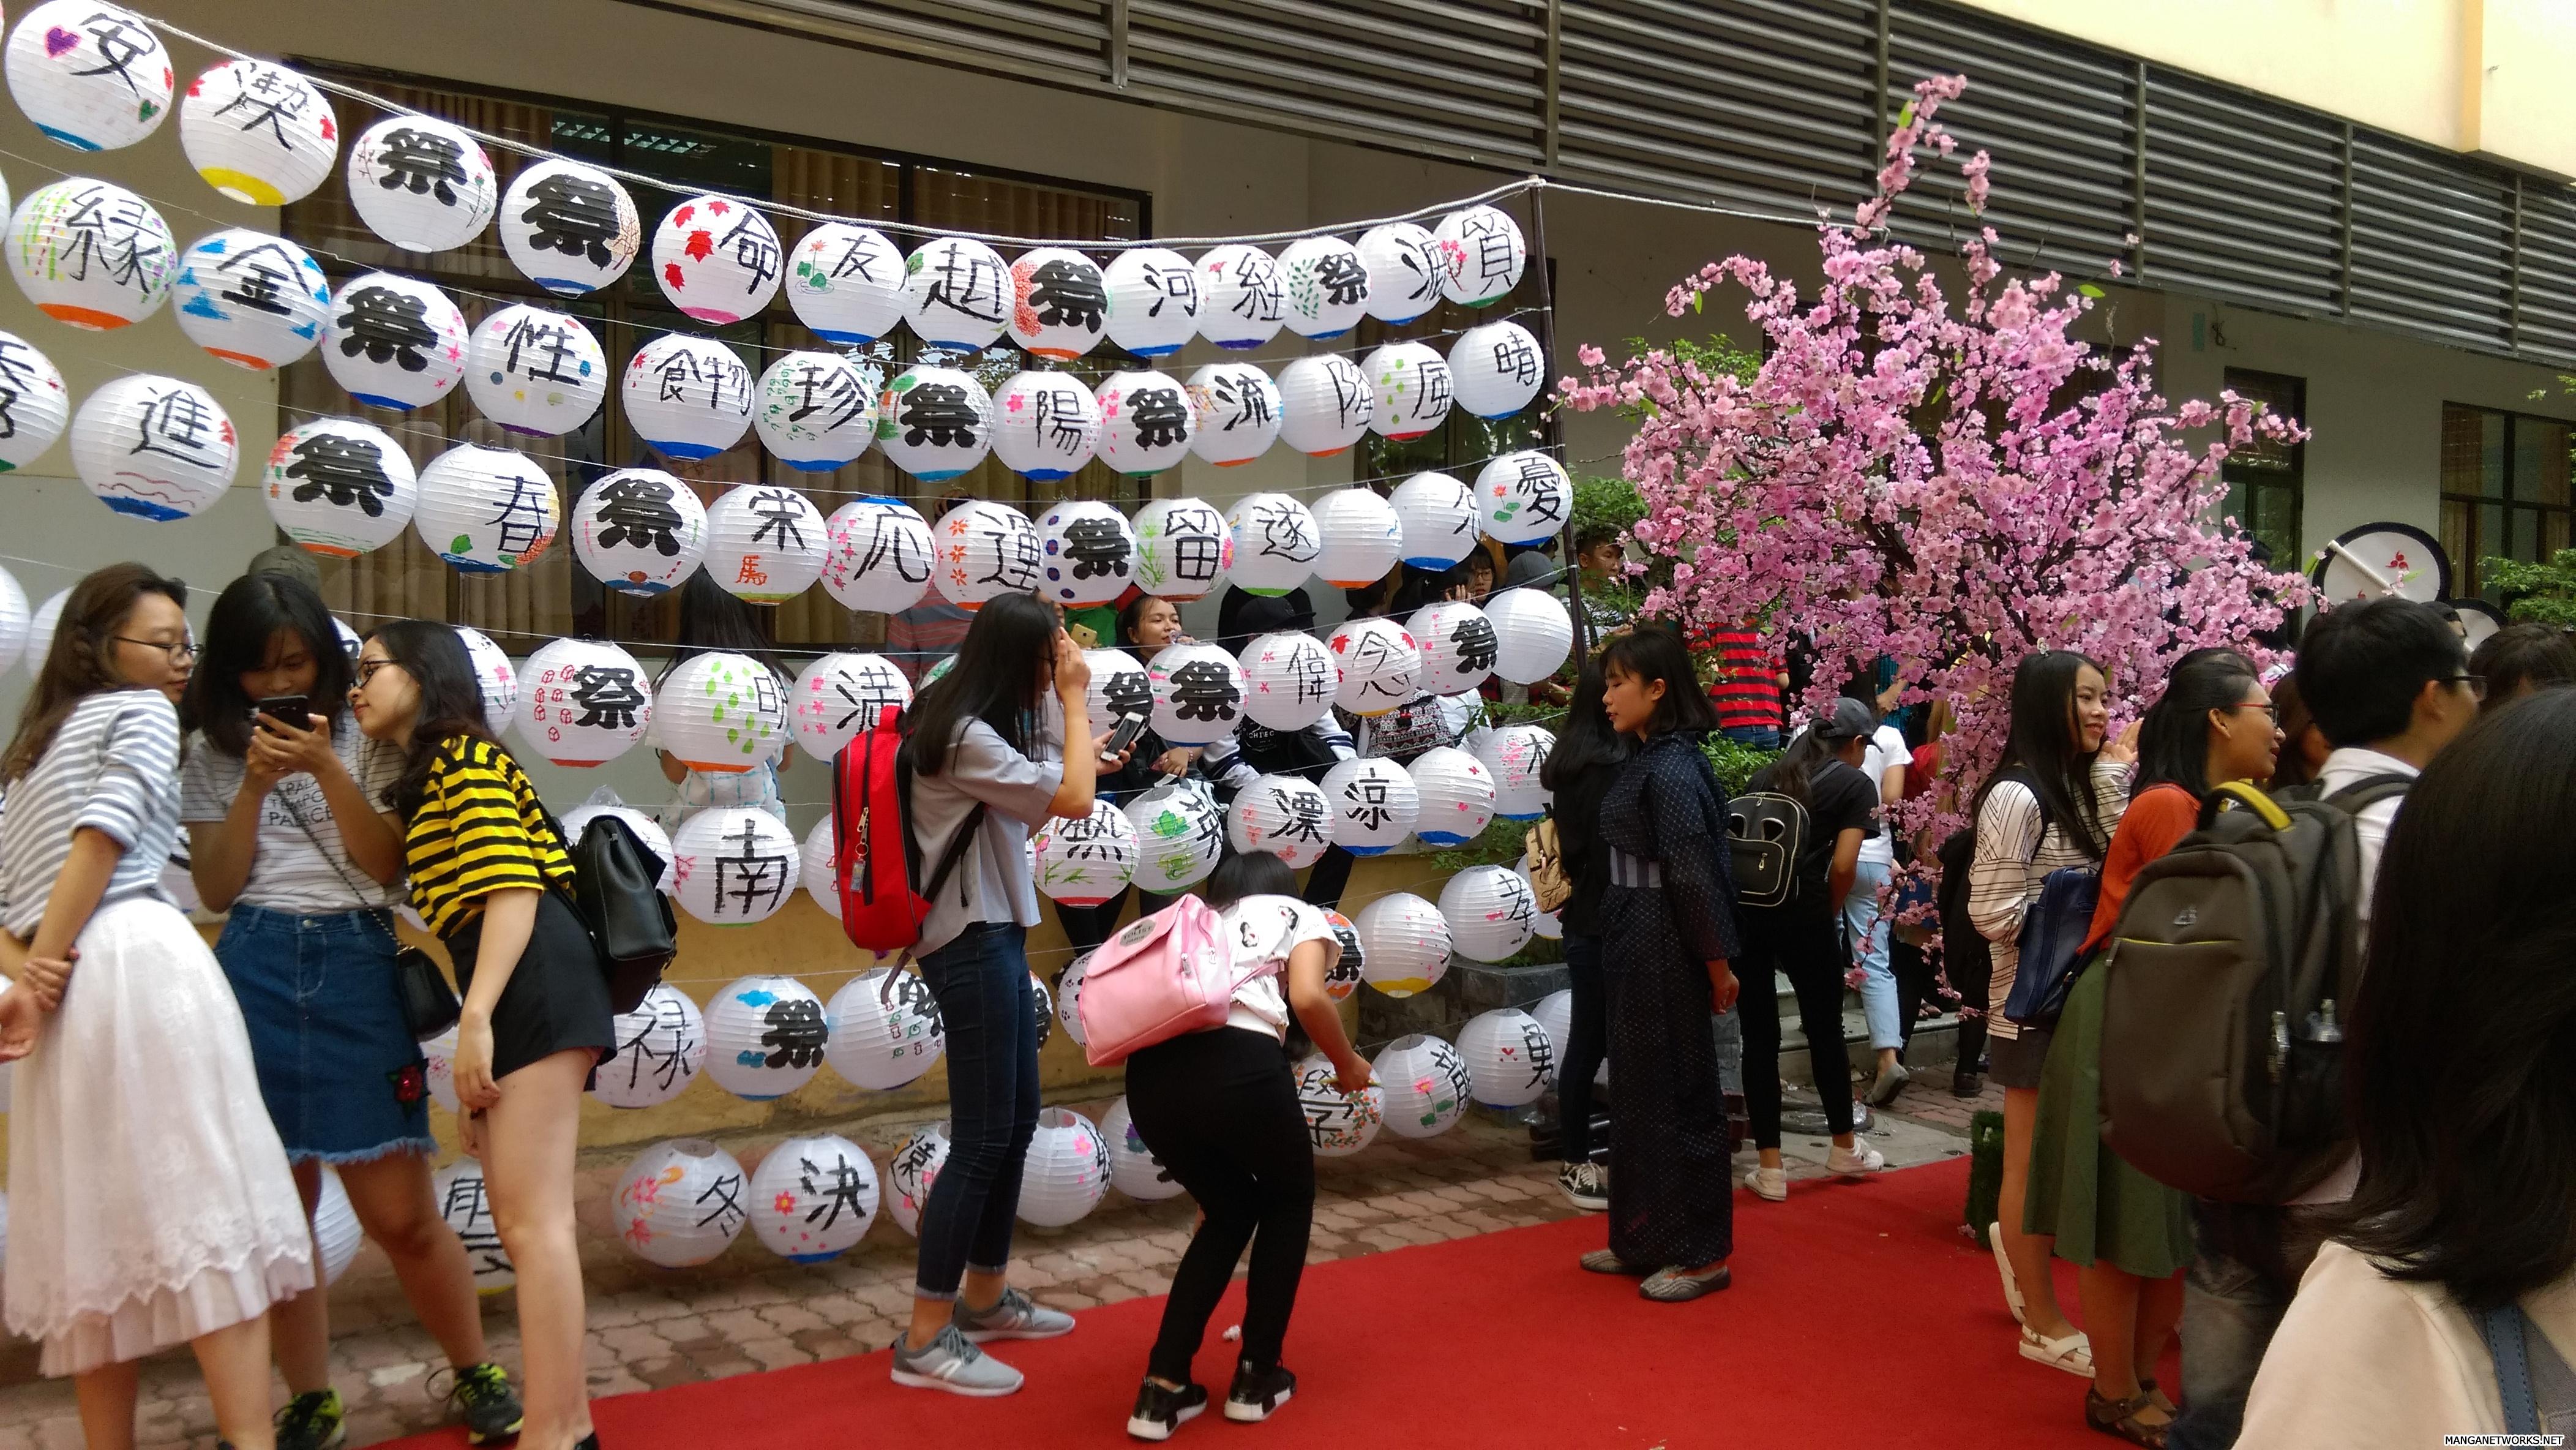 34304736880 6f224ef13e o [Review] Ngày hội Nhật Bản